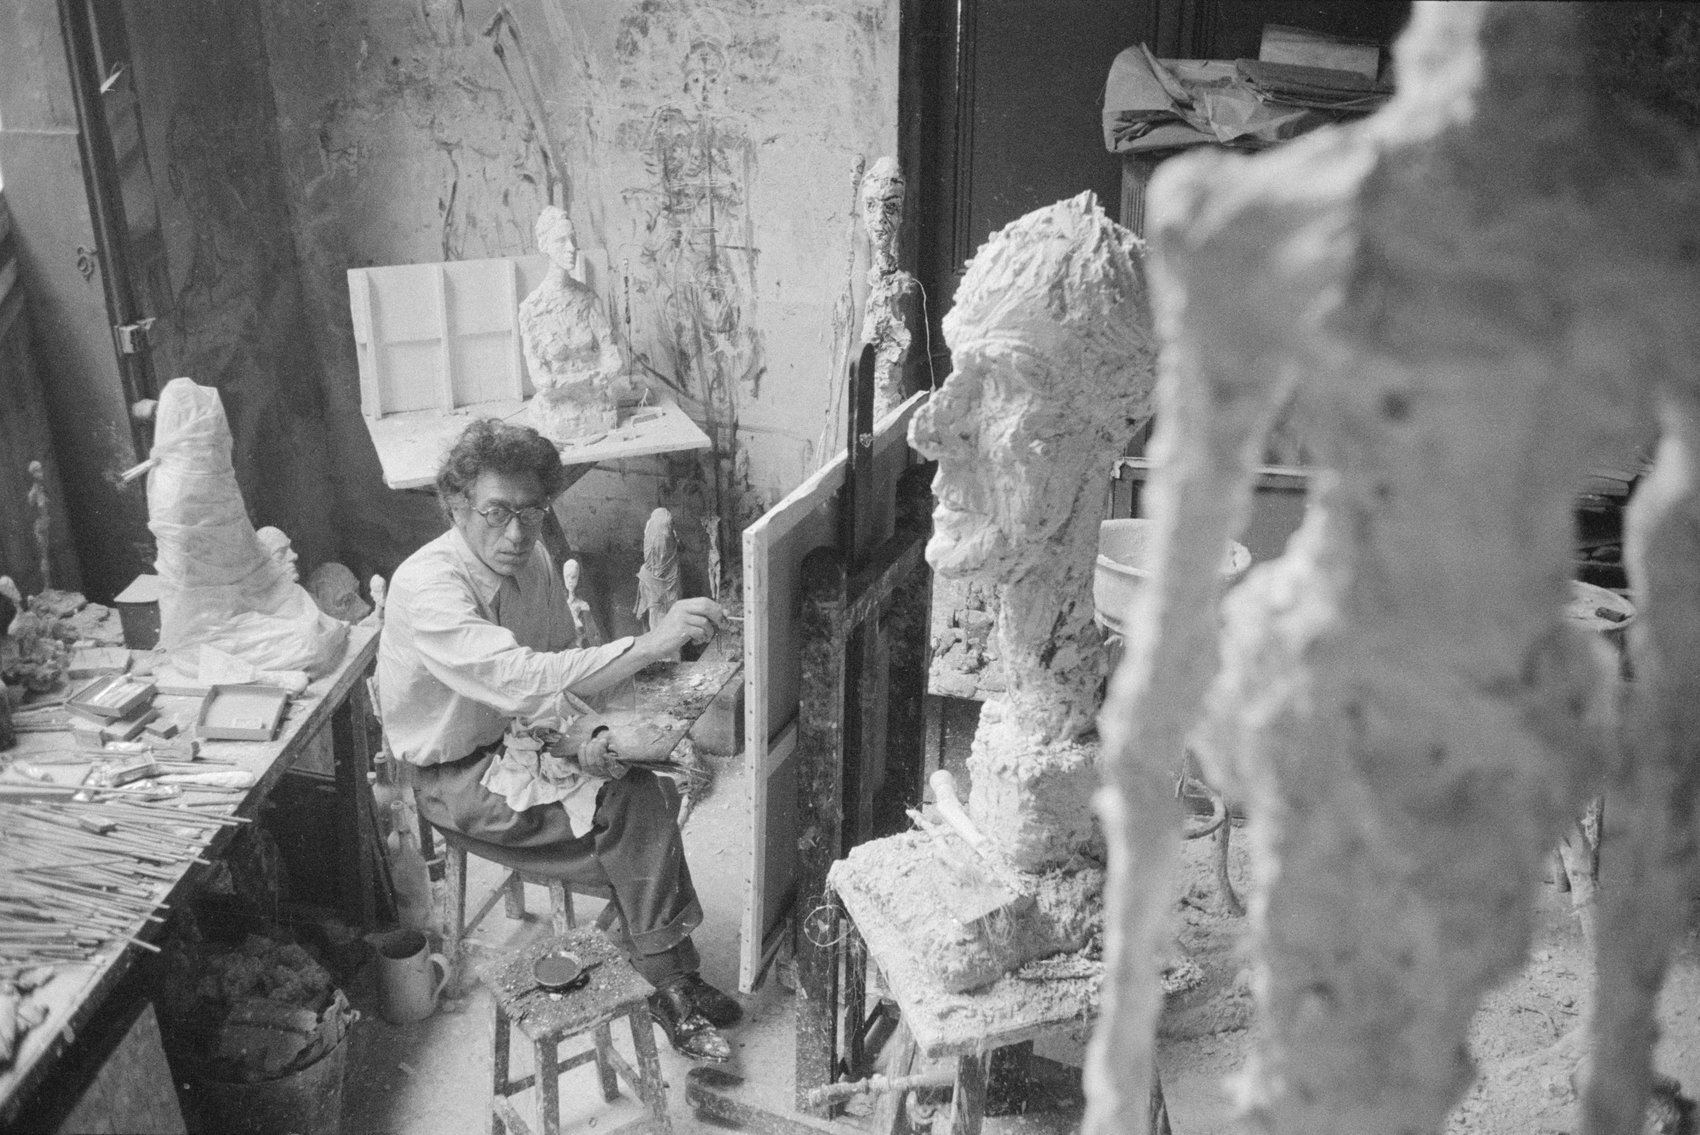 Alberto Giacometti Paris'tesi Atölyesinde (1958) 02